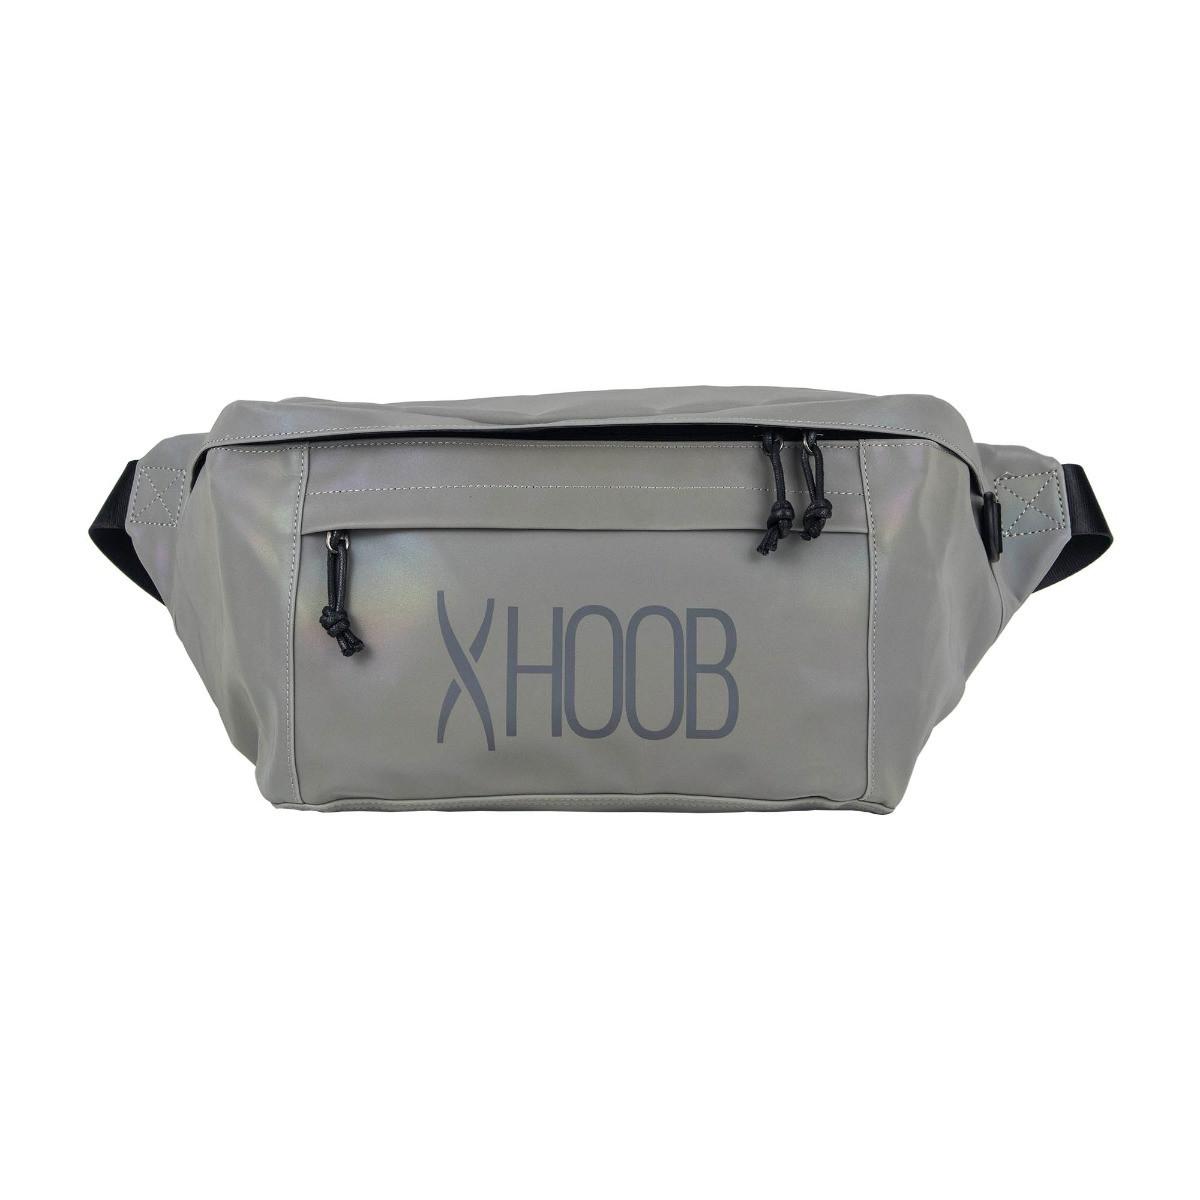 Hoob Cyber Bag v1.0   Reflective large hip pack